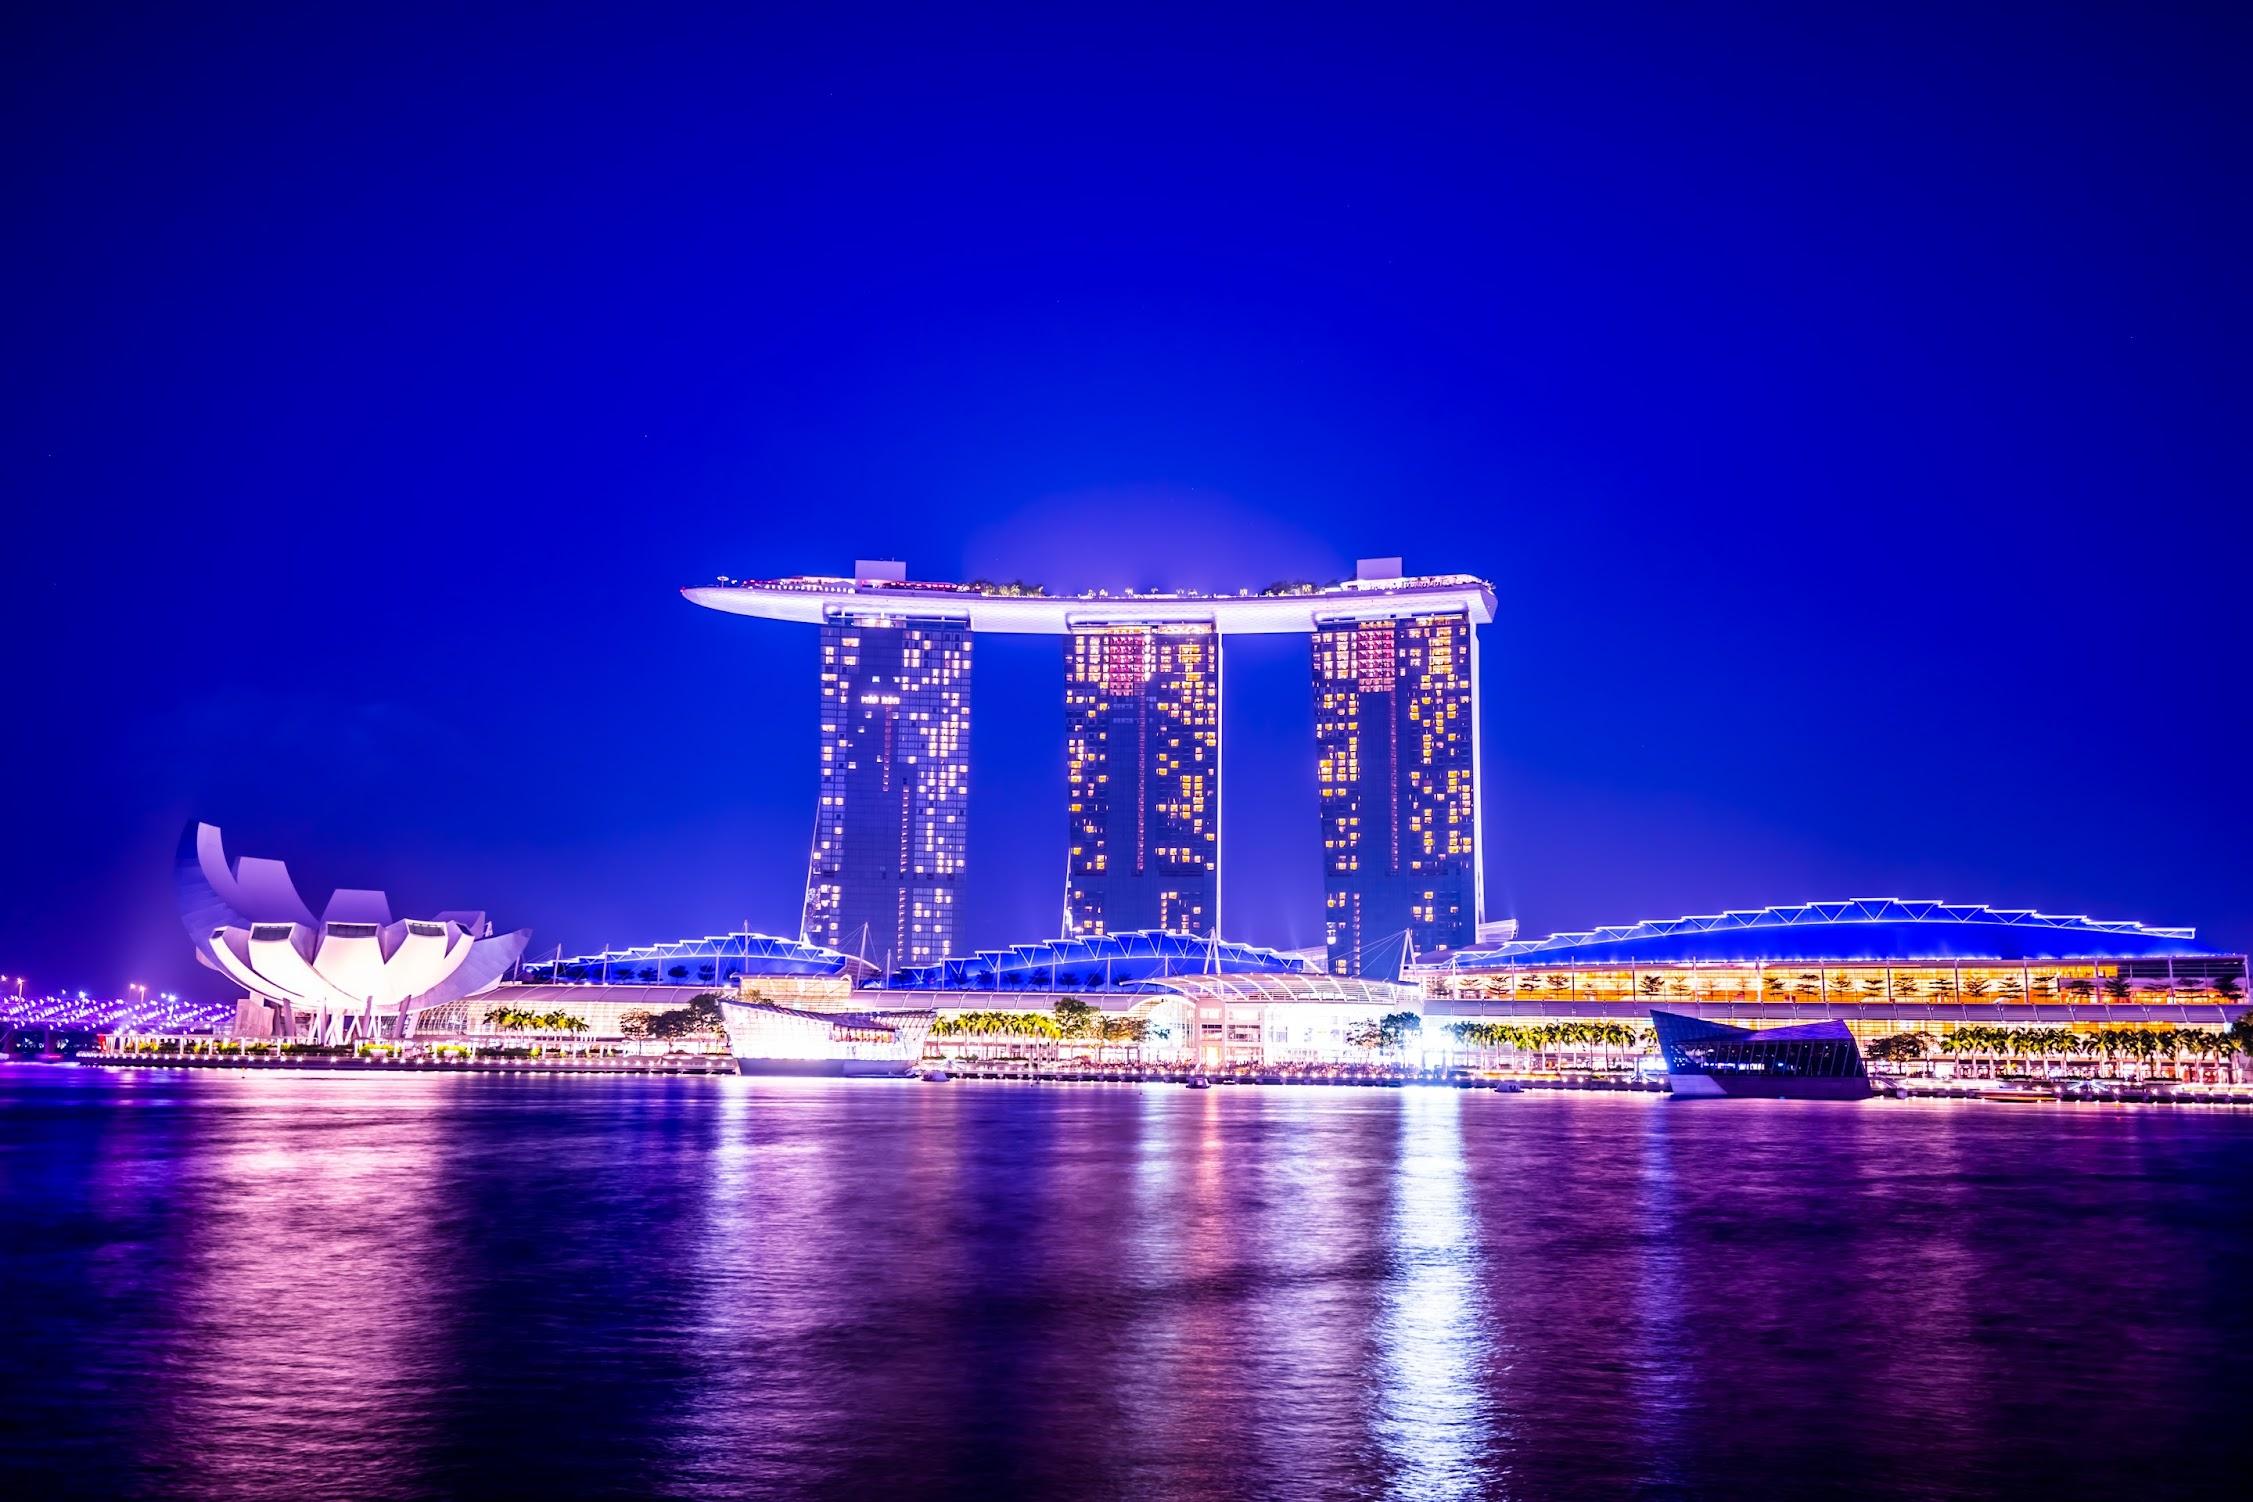 シンガポール マリーナ・ベイ・サンズ 夜景1